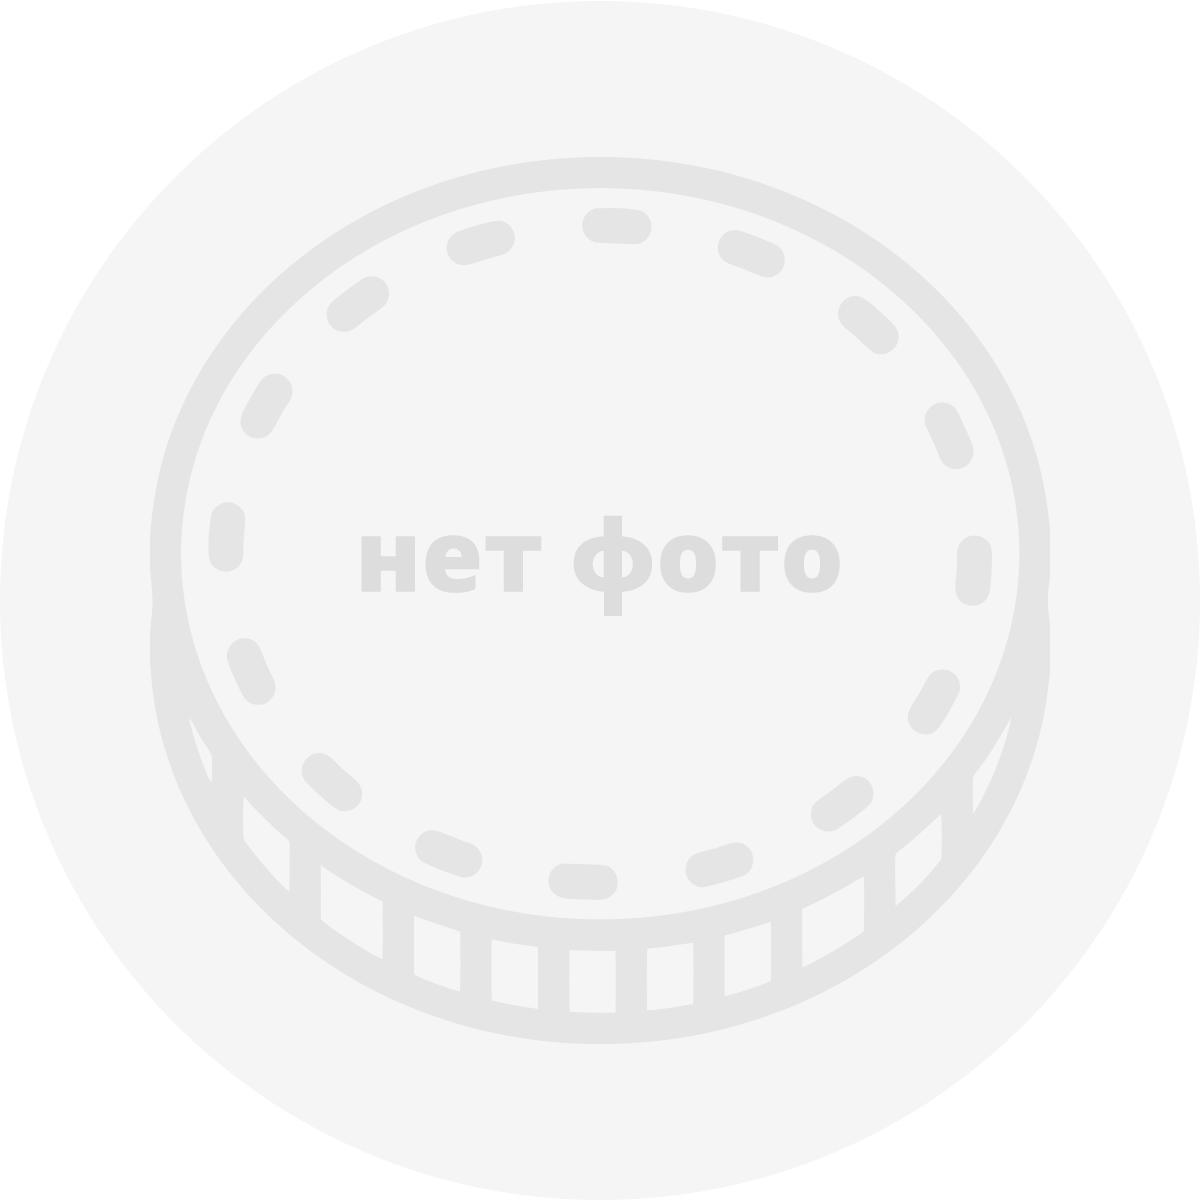 Республика Крым, Набор монет (2014 г.)